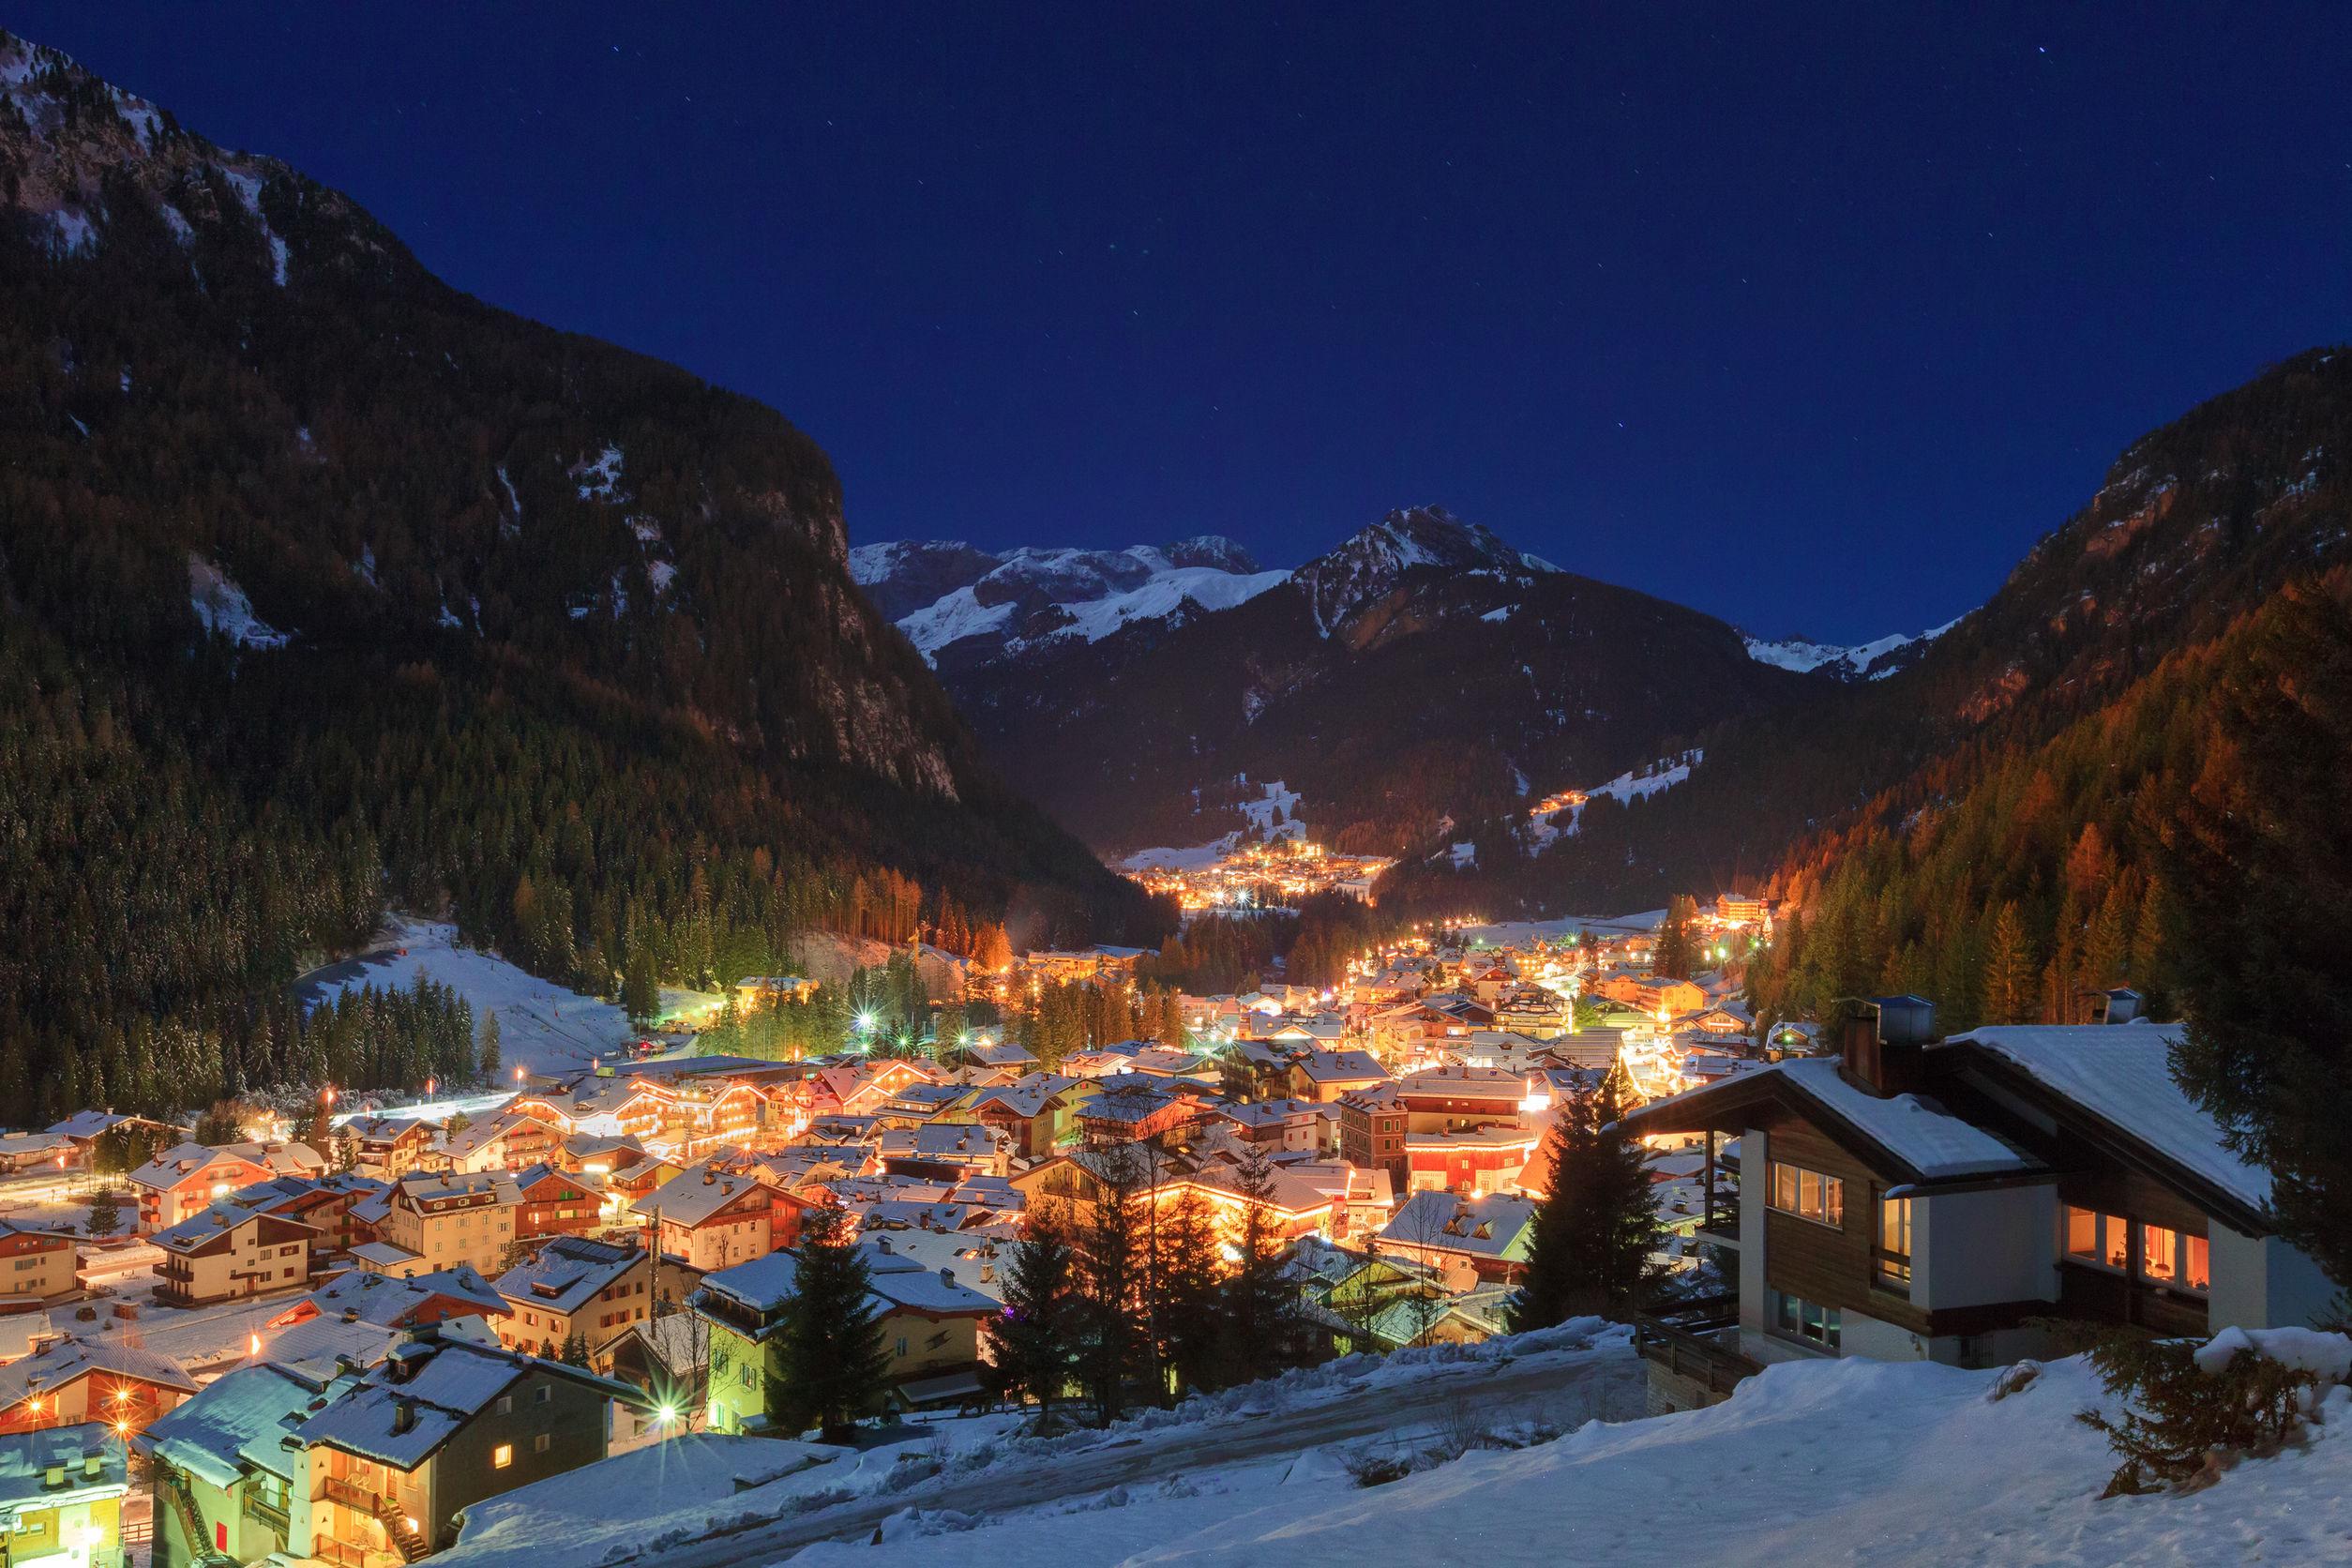 Italia, paradisul gastronomic al lumii, preferata românilor. Top 10 cele mai căutate destinaţii de sărbători